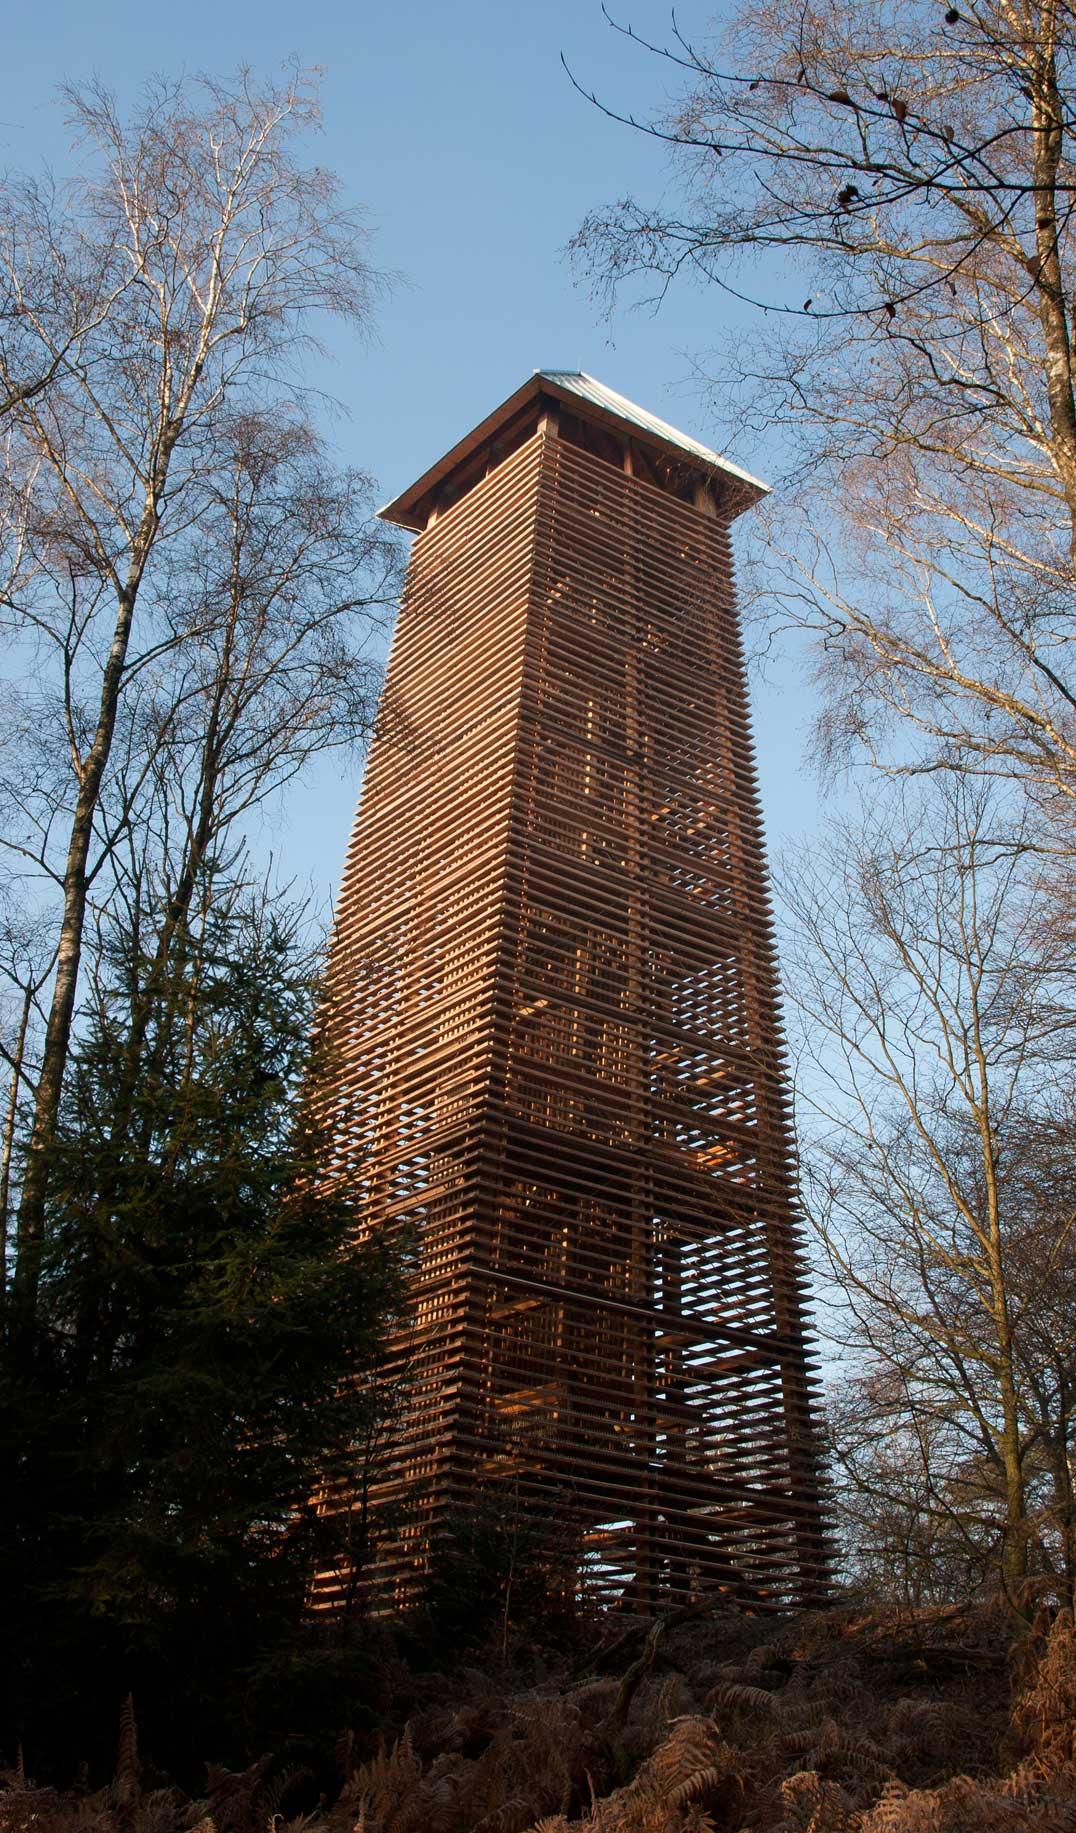 Houten uitkijktoren in het Bergherbos